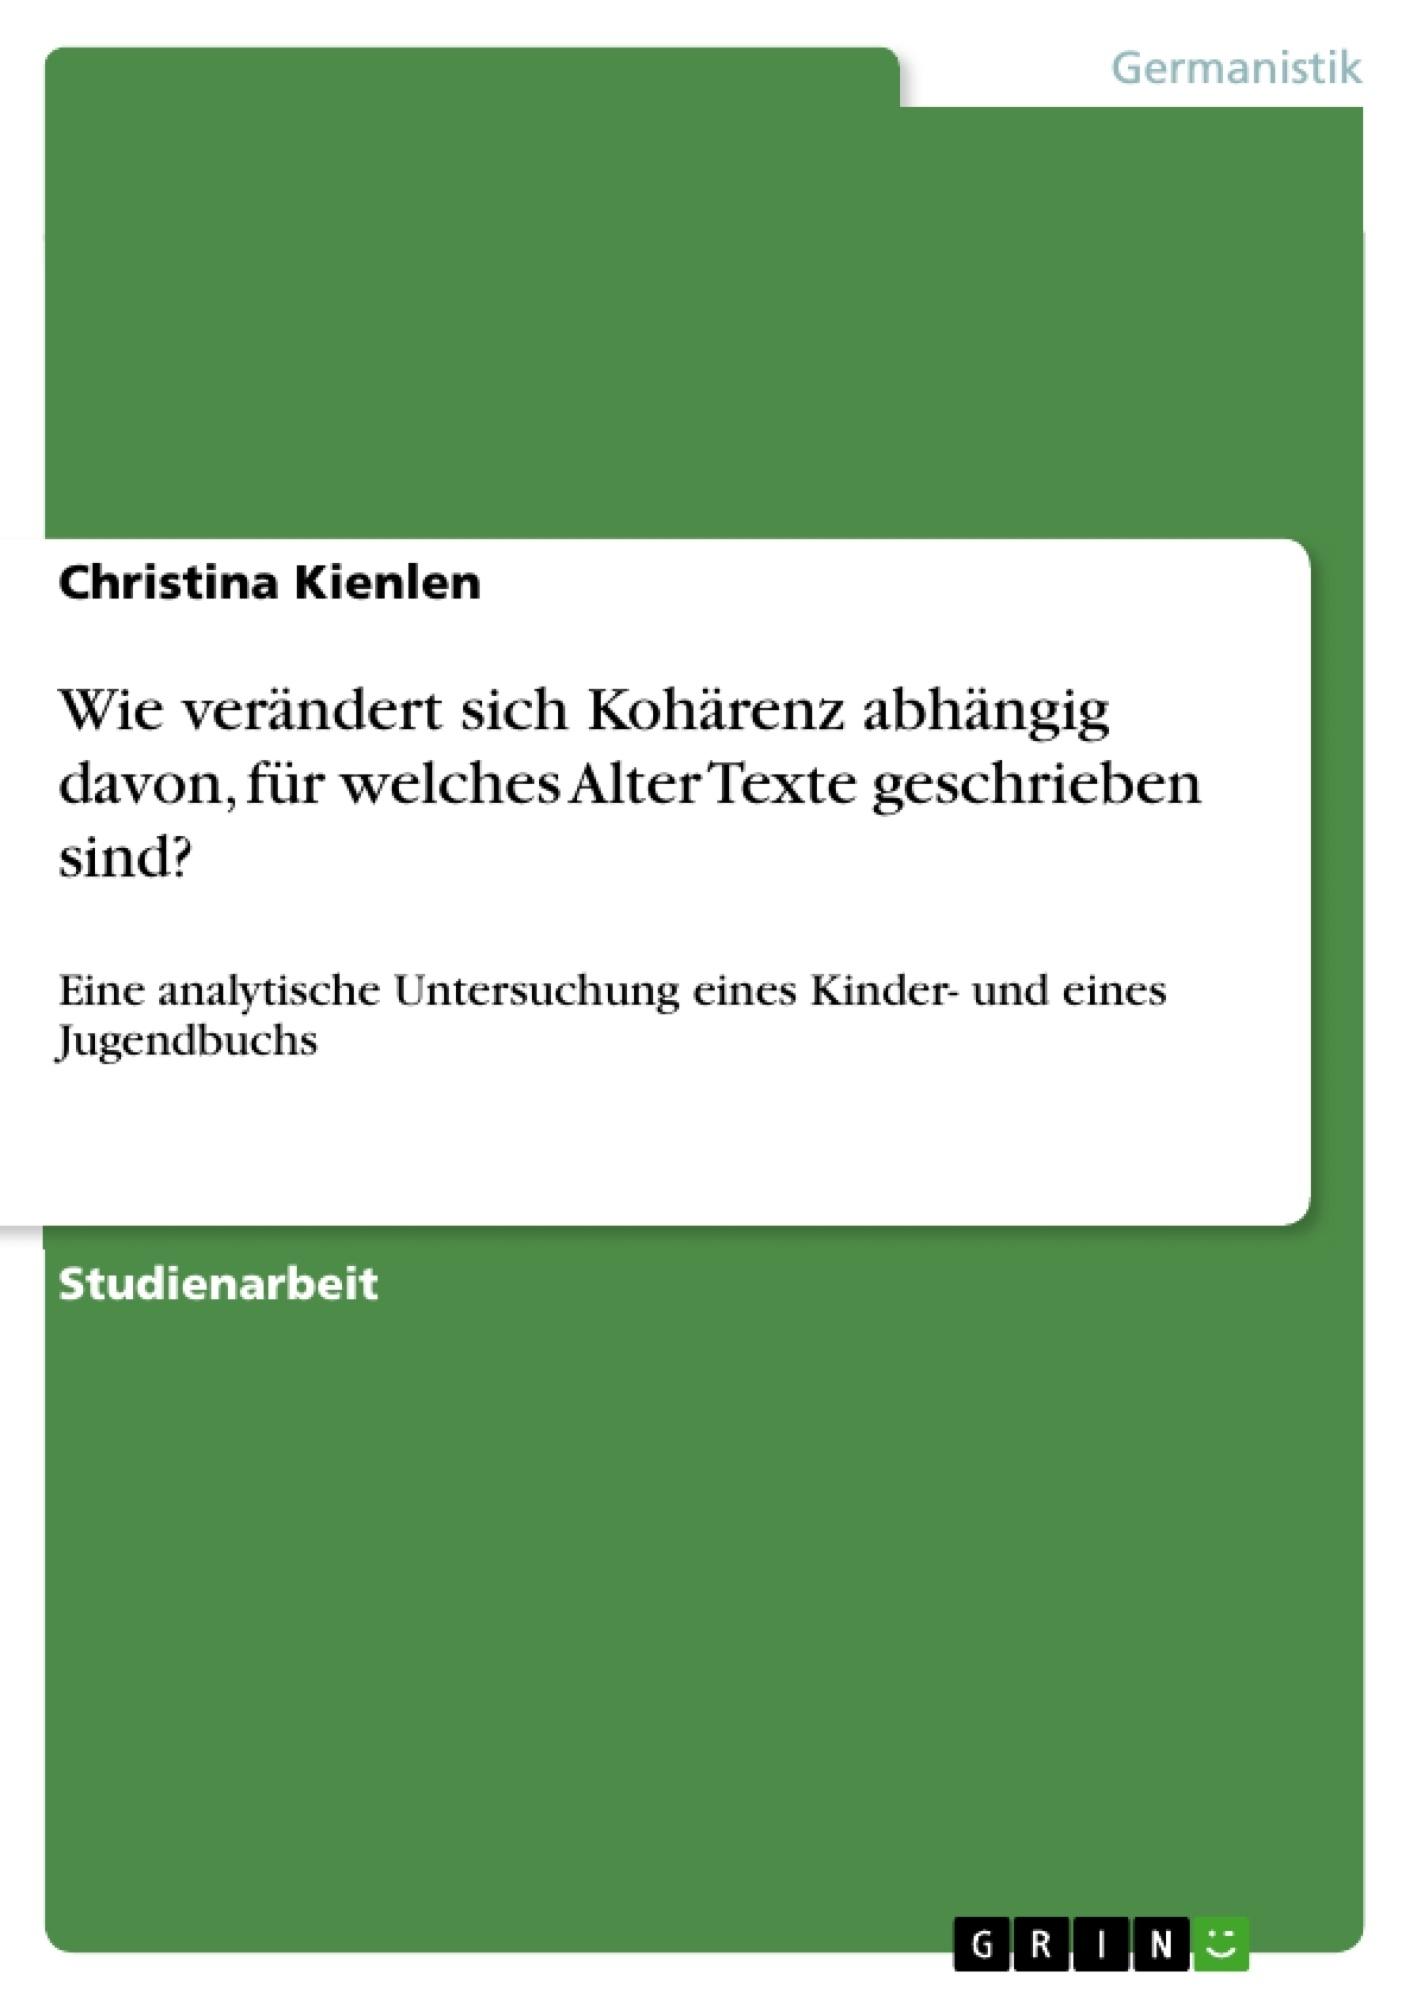 Titel: Wie verändert sich Kohärenz abhängig davon, für welches Alter Texte geschrieben sind?